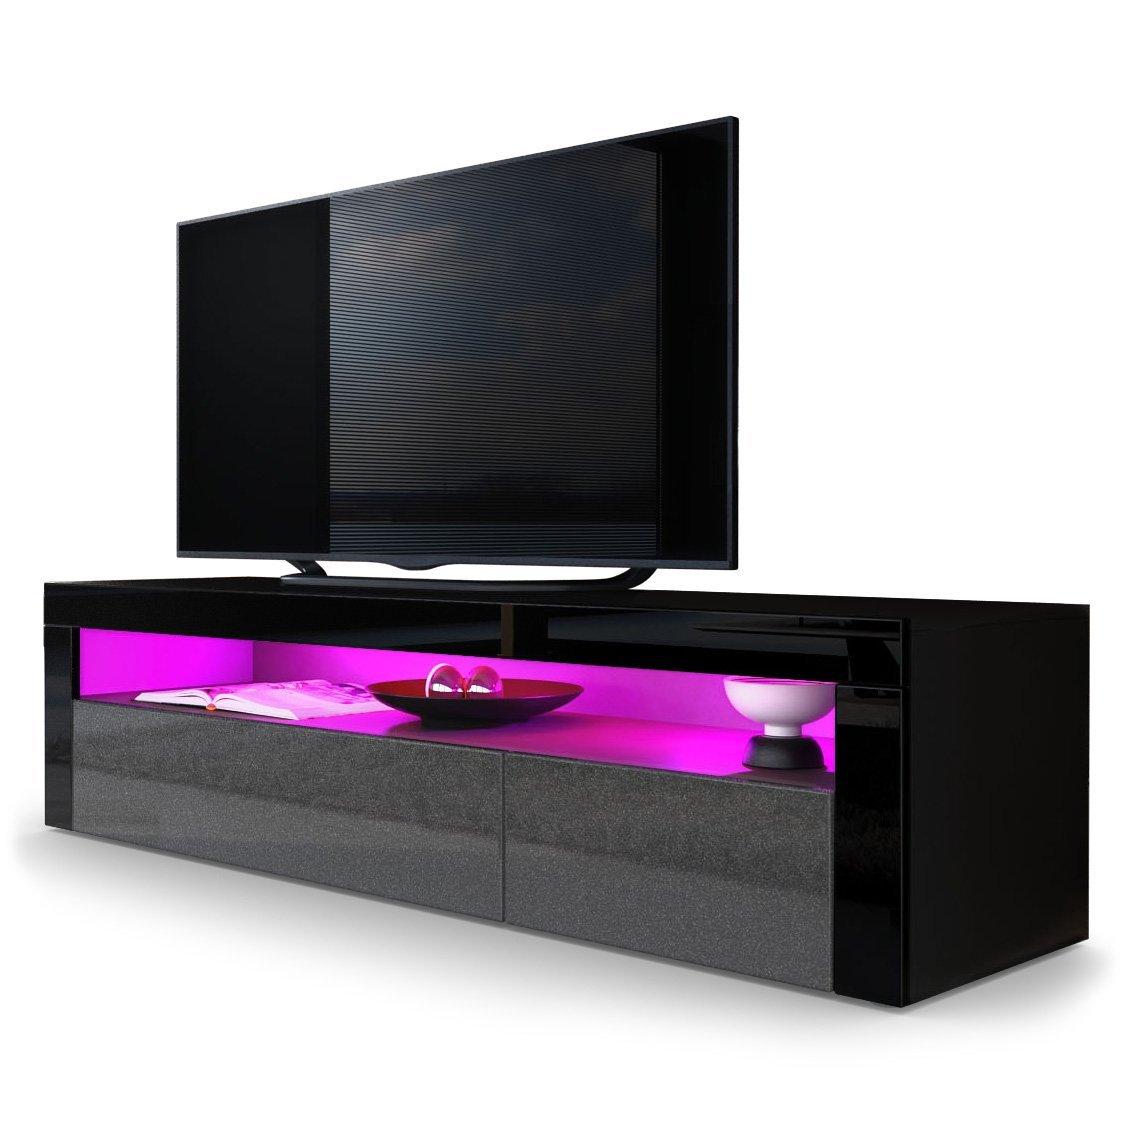 Lowboard design möbel weiss  Tv Lowboard Design Modelle + Tv Möbel kaufen + Top 3